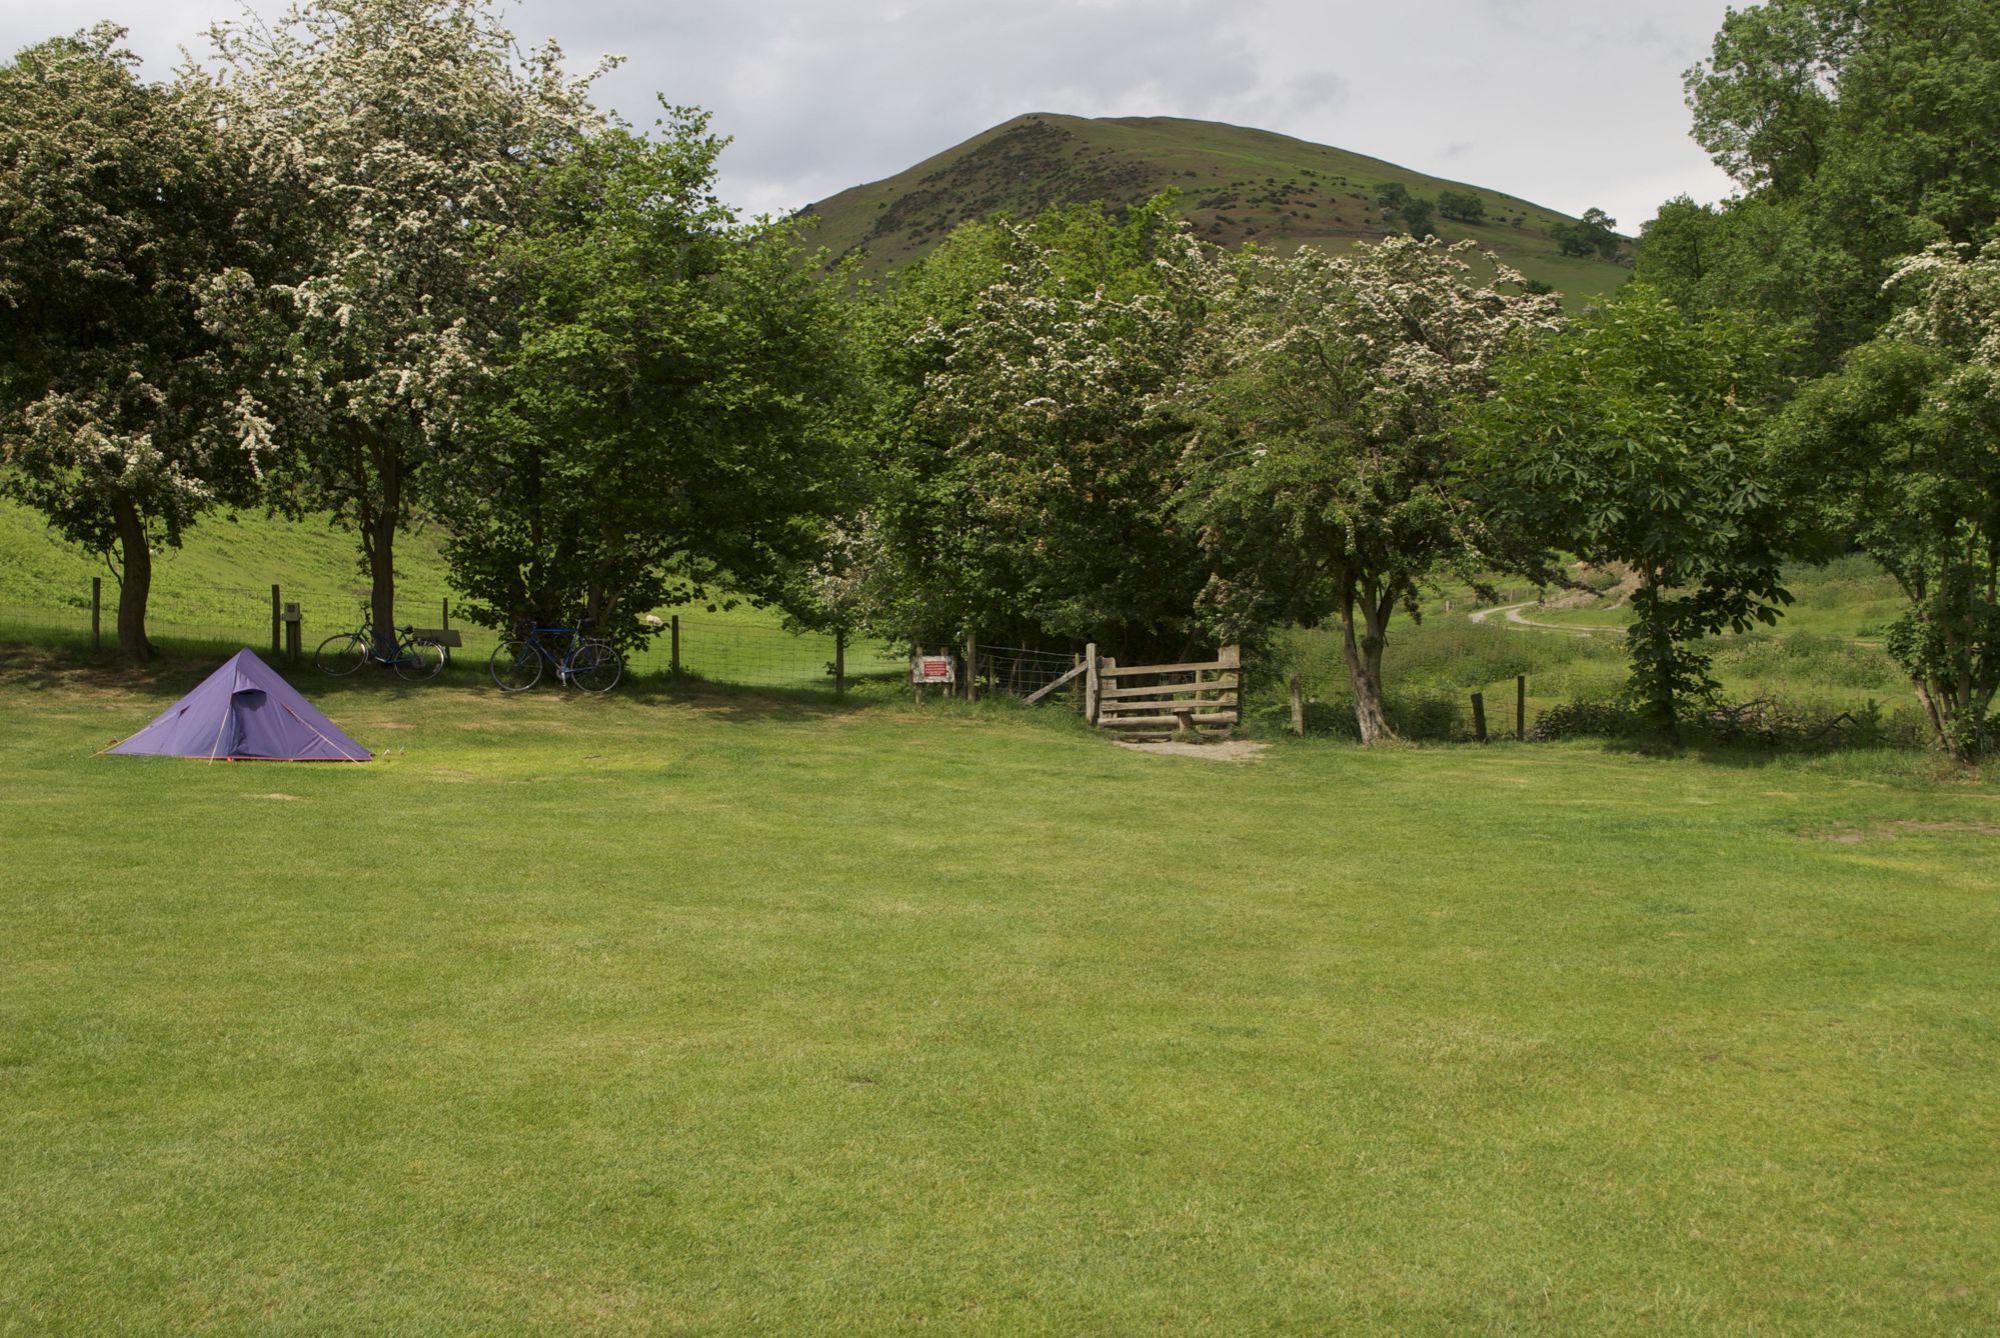 Church Stretton Camping | Campsites in Church Stretton, Shropshire